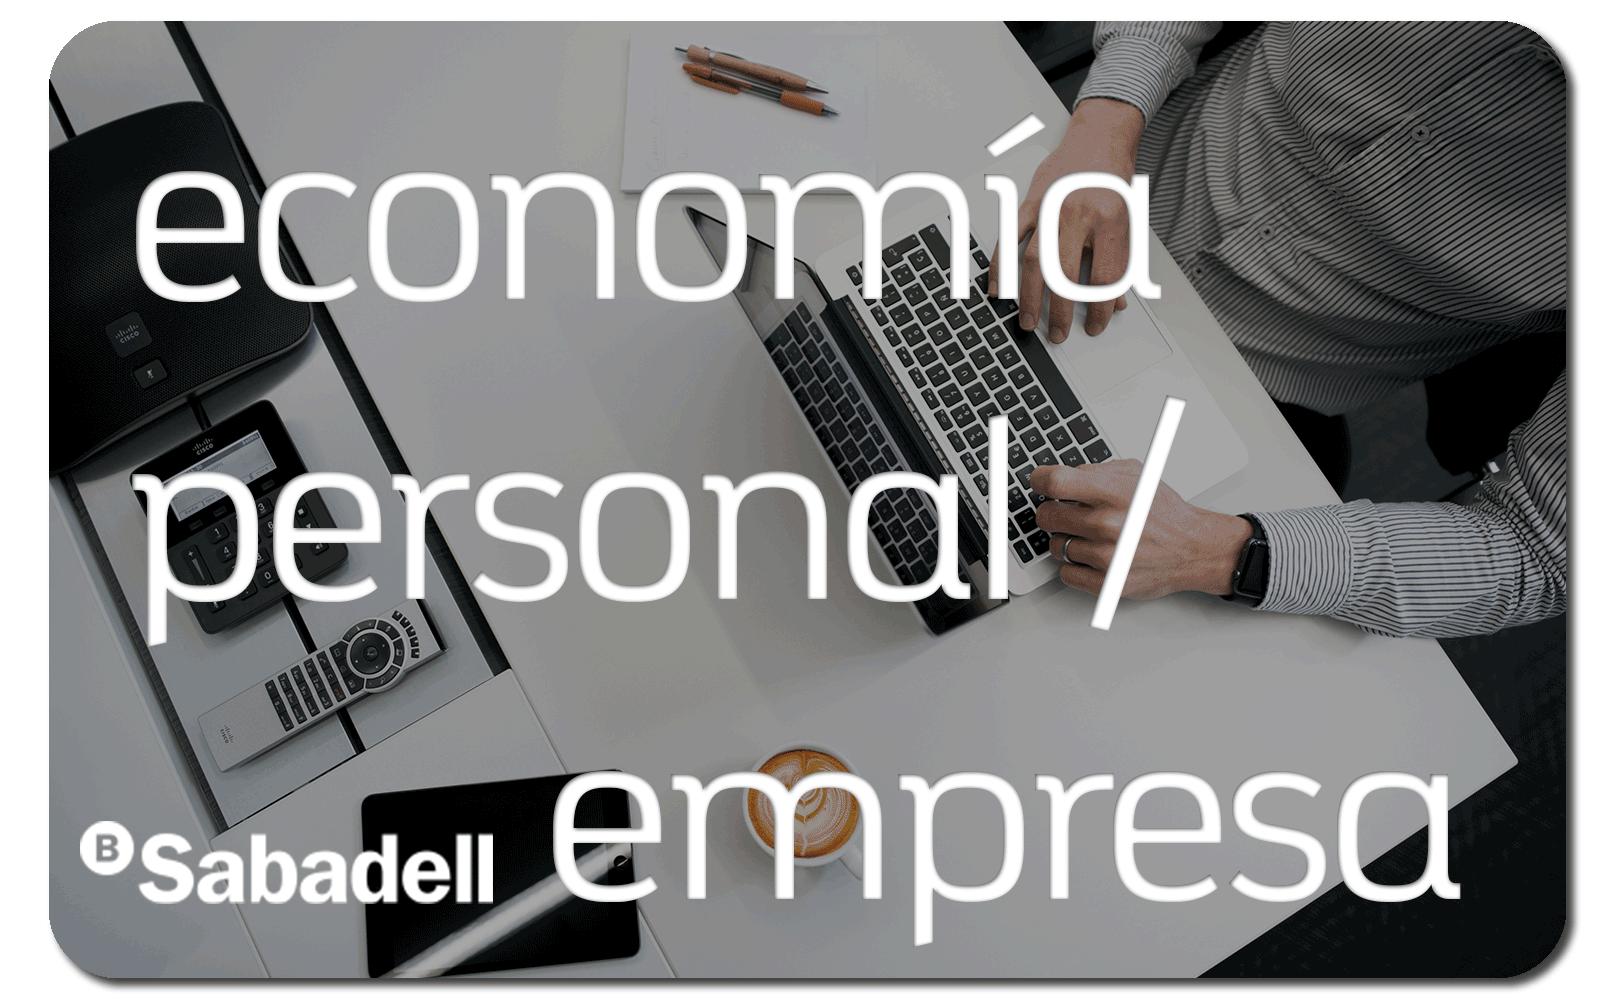 redaccion-profesional-articulos-economia-divulgacion-ensayo-sabaedell